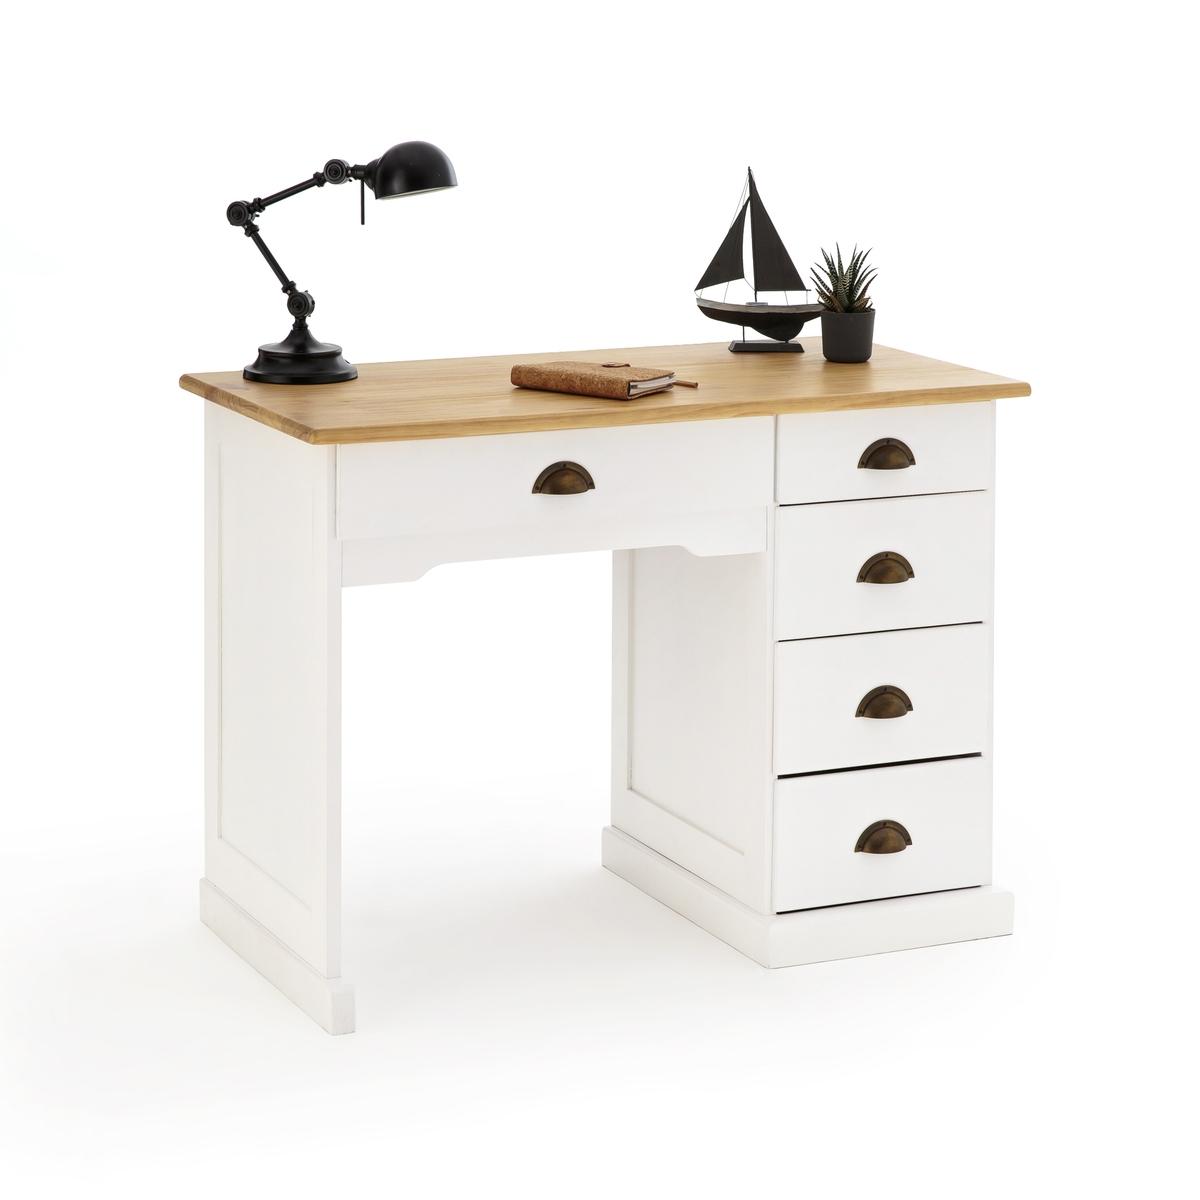 Стол La Redoute Письменный из массива сосны BETTA с тумбой единый размер белый стол письменный из массива сосны gaby